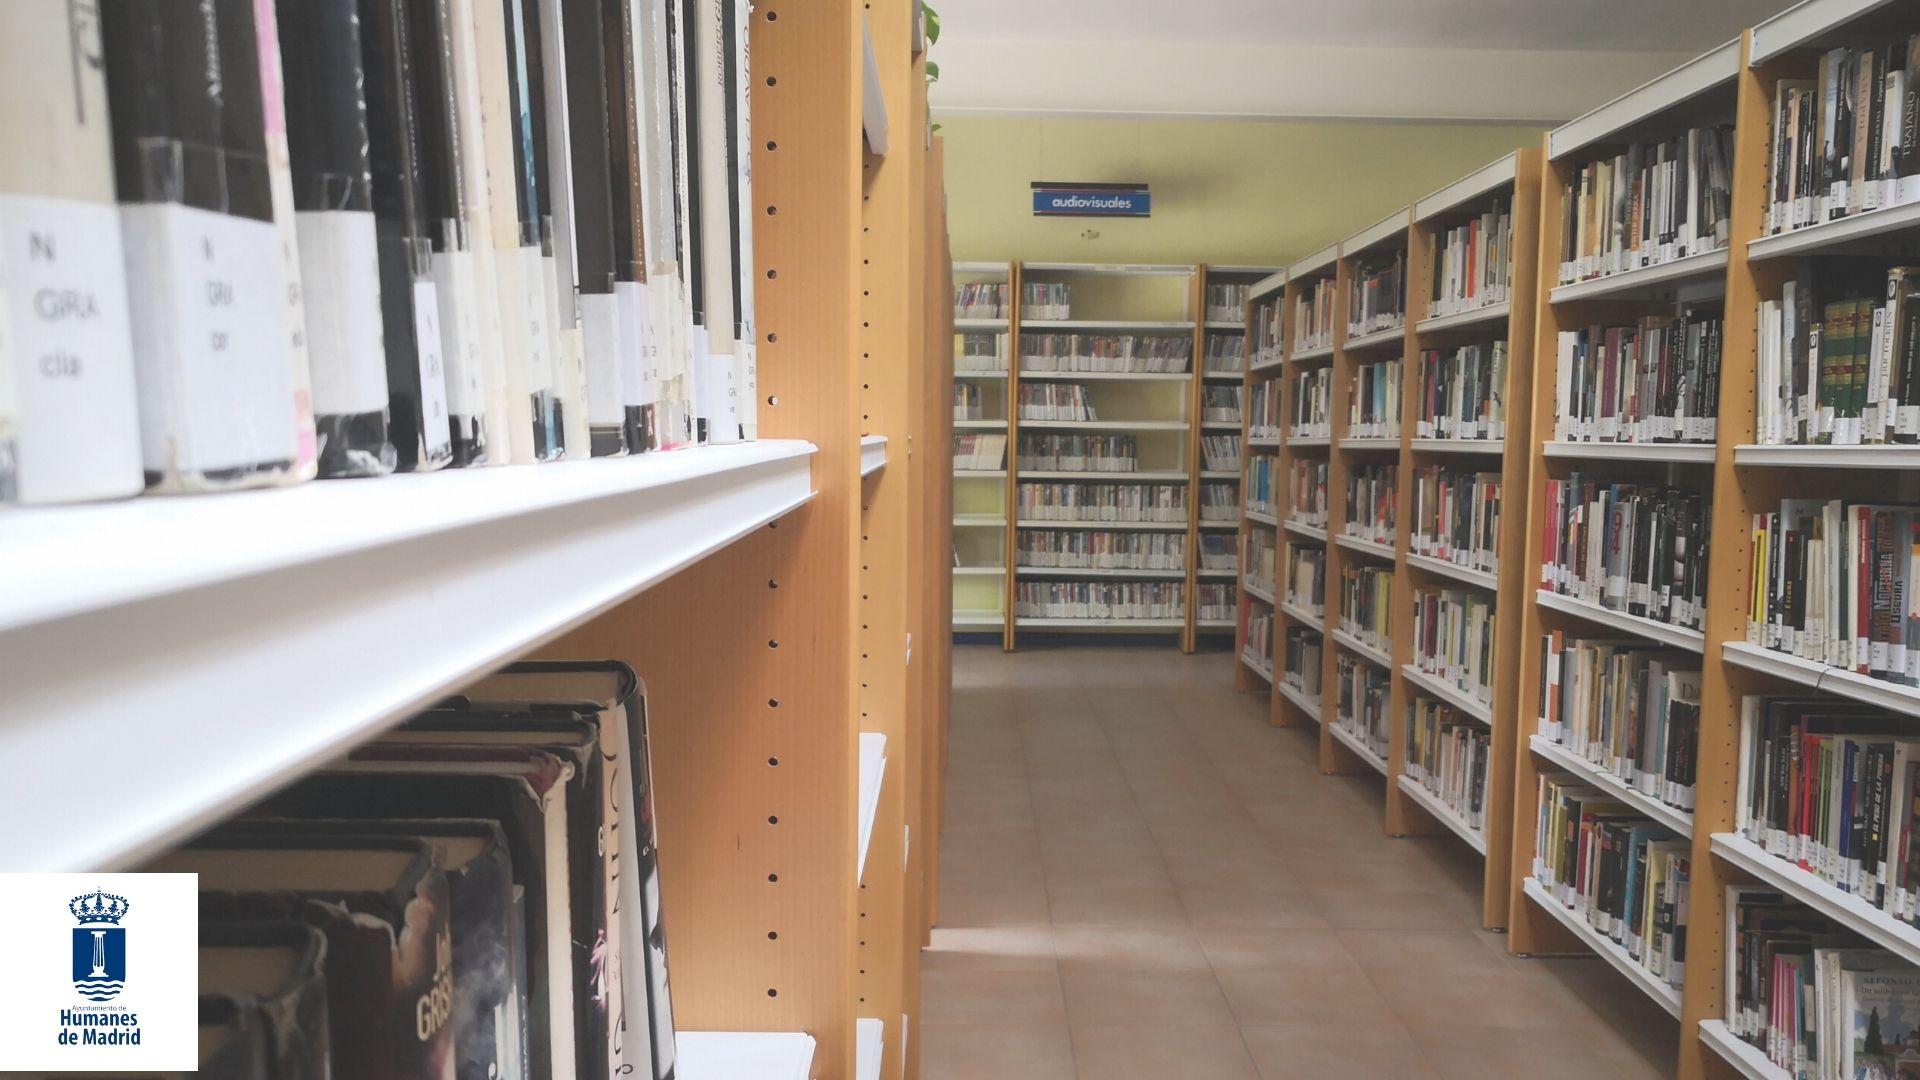 La biblioteca municipal «Lorenzo Silva» reabre mañana en dos turnos, para préstamos y devoluciones de libros.